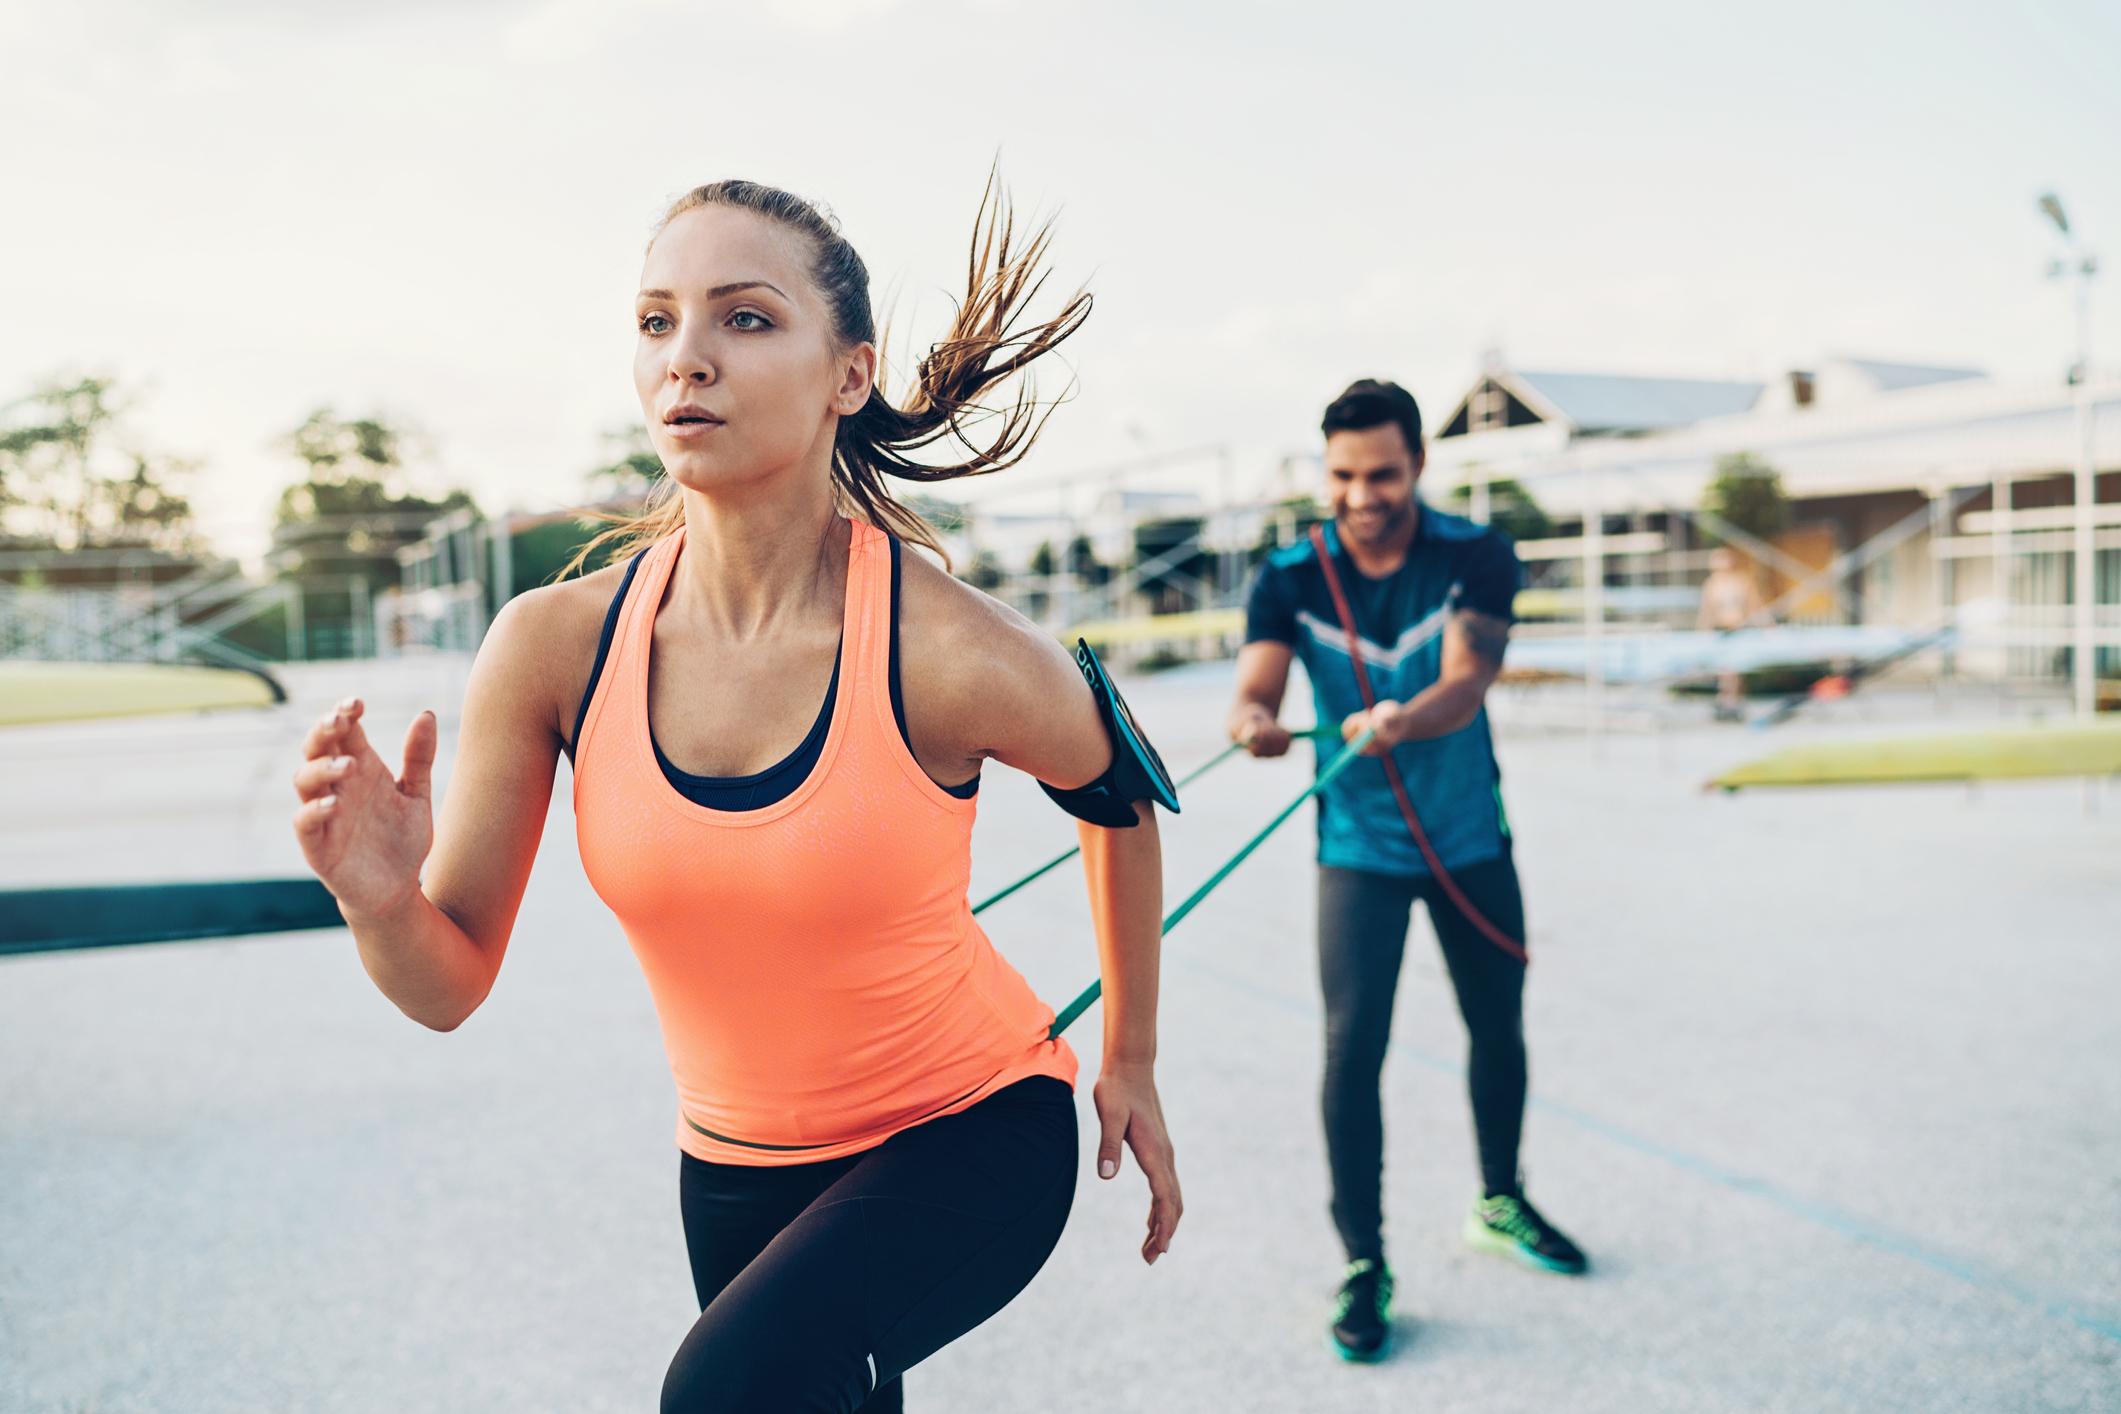 Većina trenera misli da su dovoljno kompetentni za programiranje prehrane na temelju proučavanja raznih dijeta i protokola prehrane